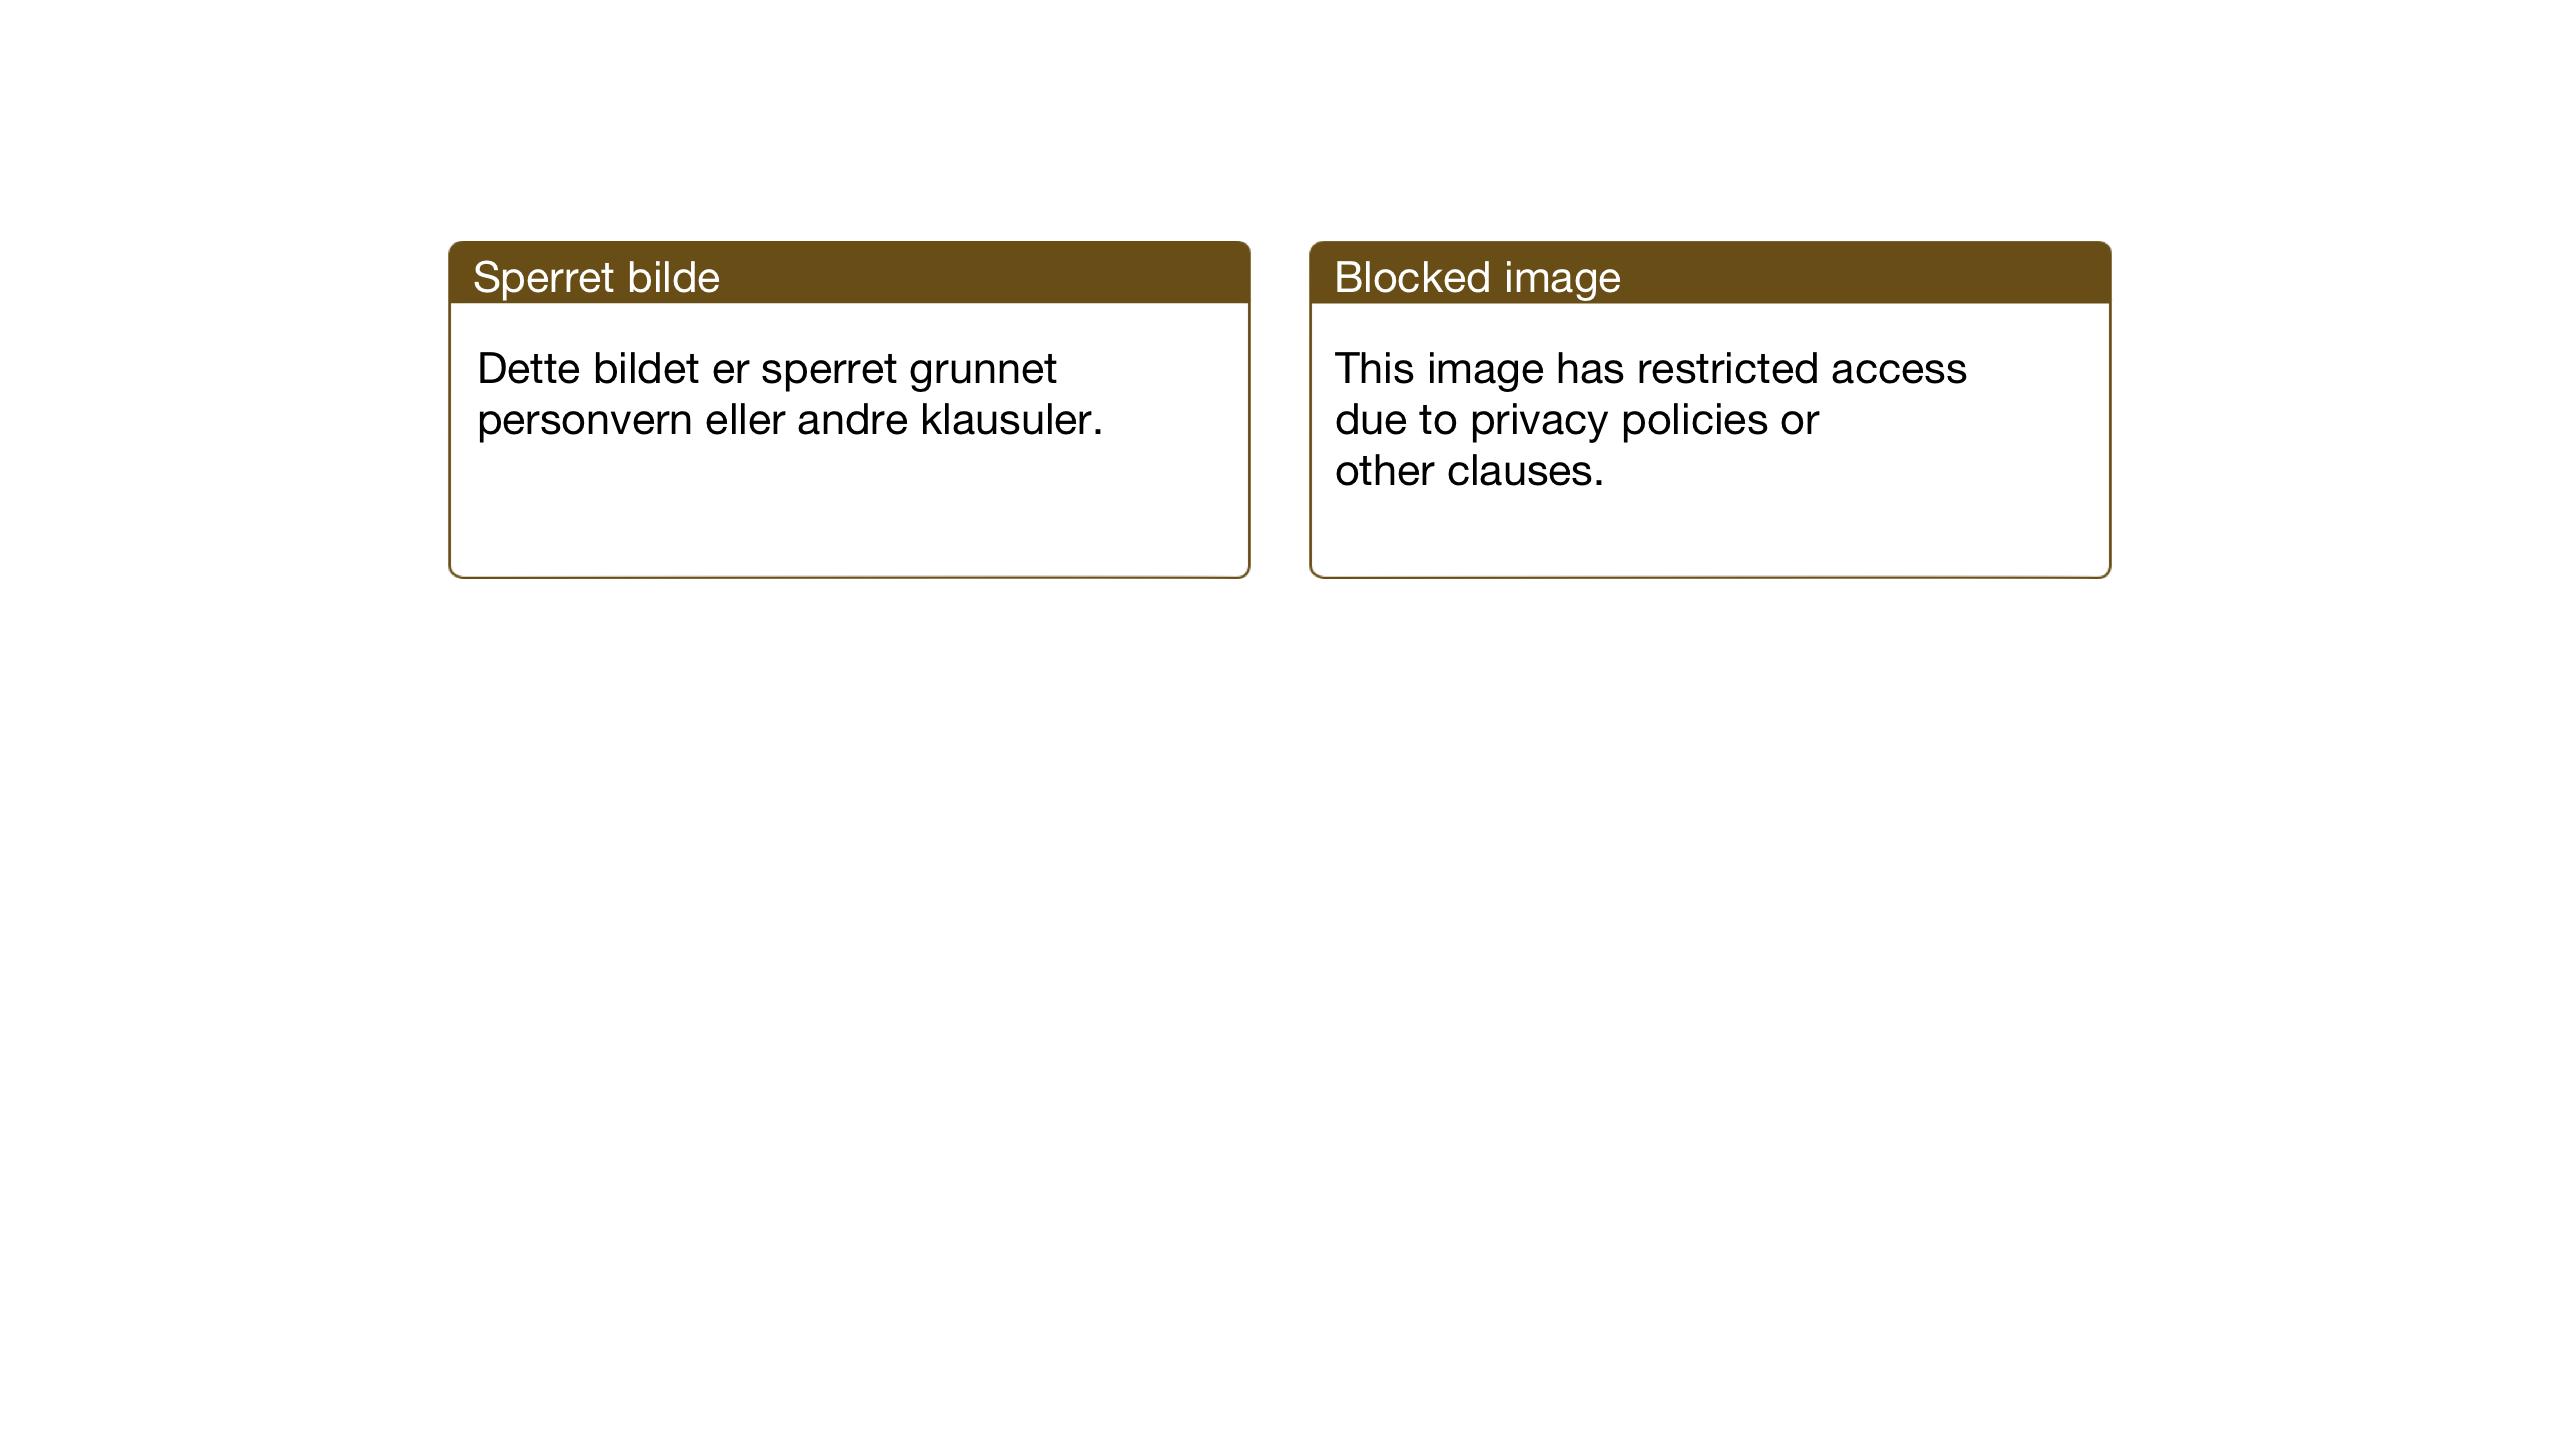 SAT, Ministerialprotokoller, klokkerbøker og fødselsregistre - Sør-Trøndelag, 674/L0878: Klokkerbok nr. 674C05, 1941-1950, s. 15